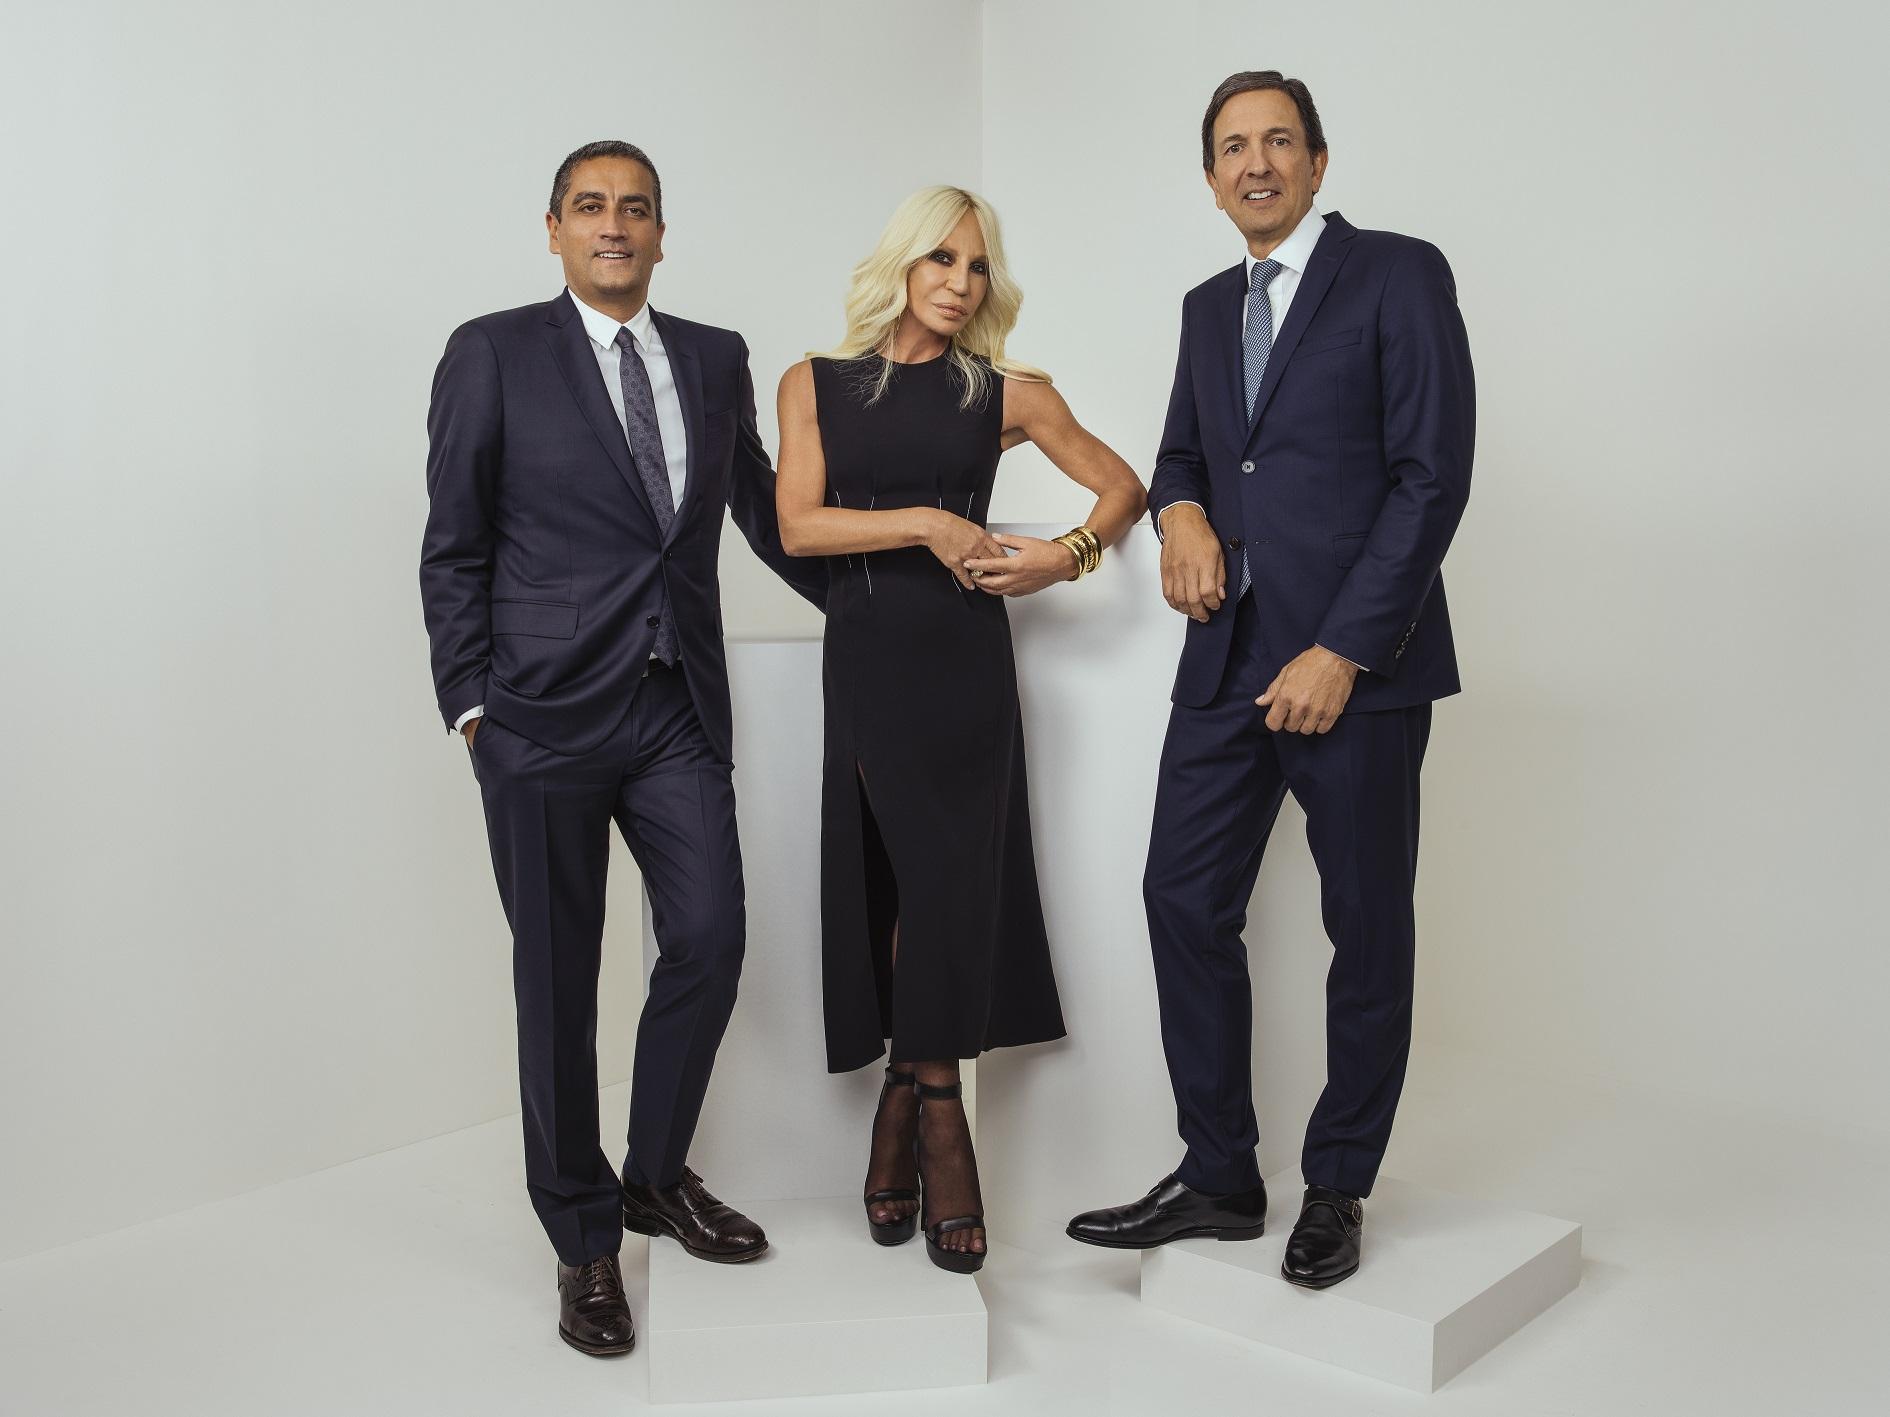 Điểm tin thời trang: Christopher Bailey được phong tước sĩ quan. Michael Kors chính thức đổi tên thành Capri Holdings 2